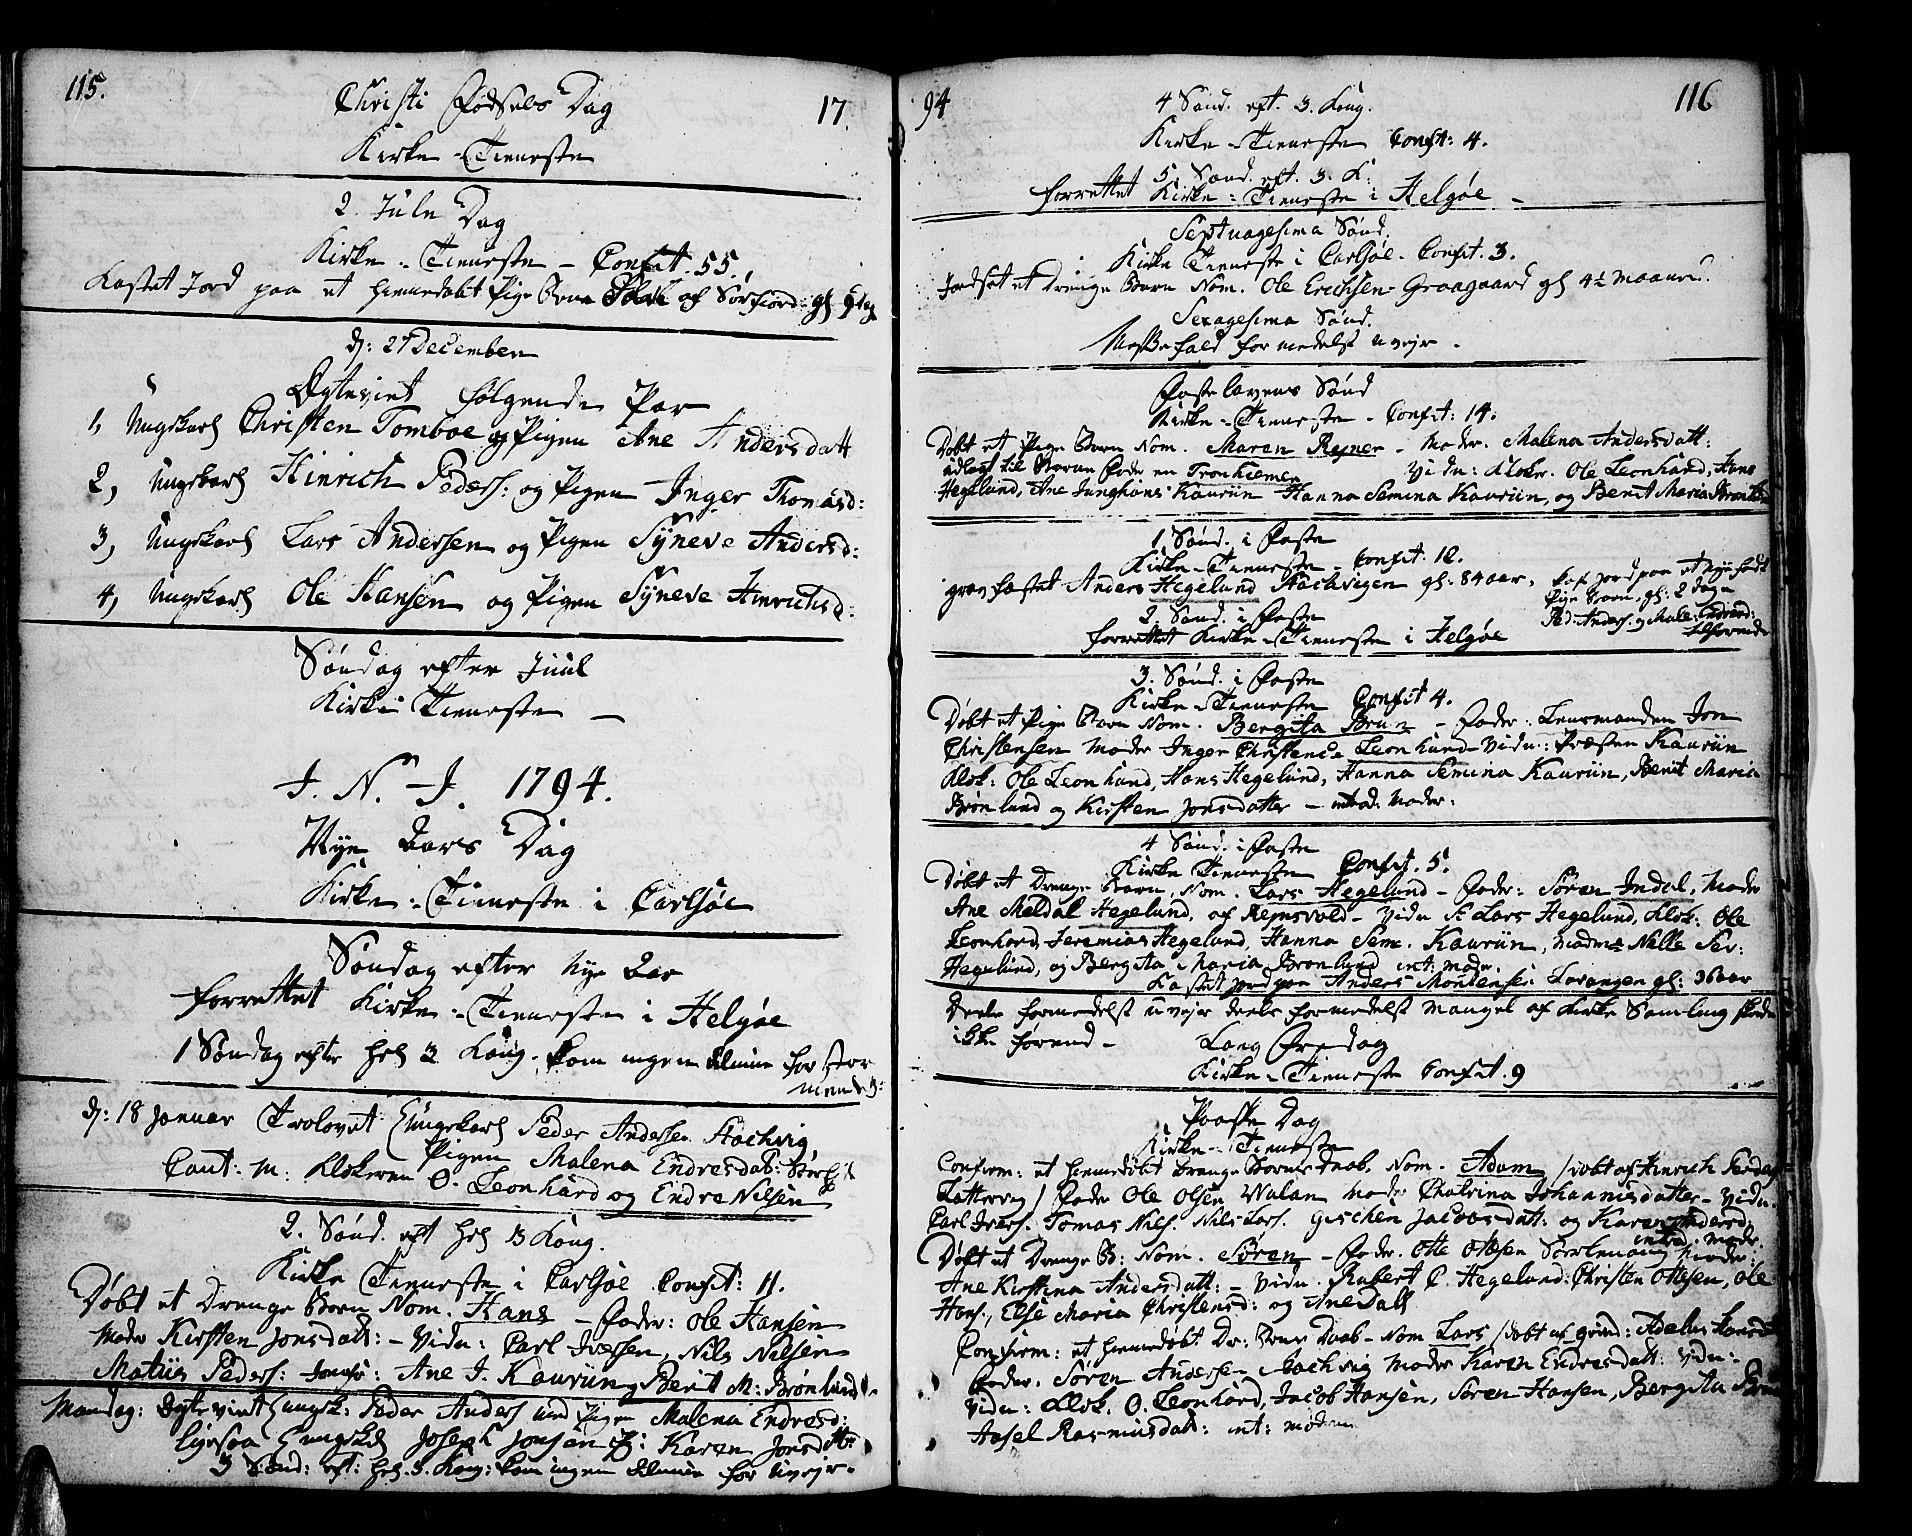 SATØ, Karlsøy sokneprestembete, Ministerialbok nr. 1, 1775-1823, s. 115-116